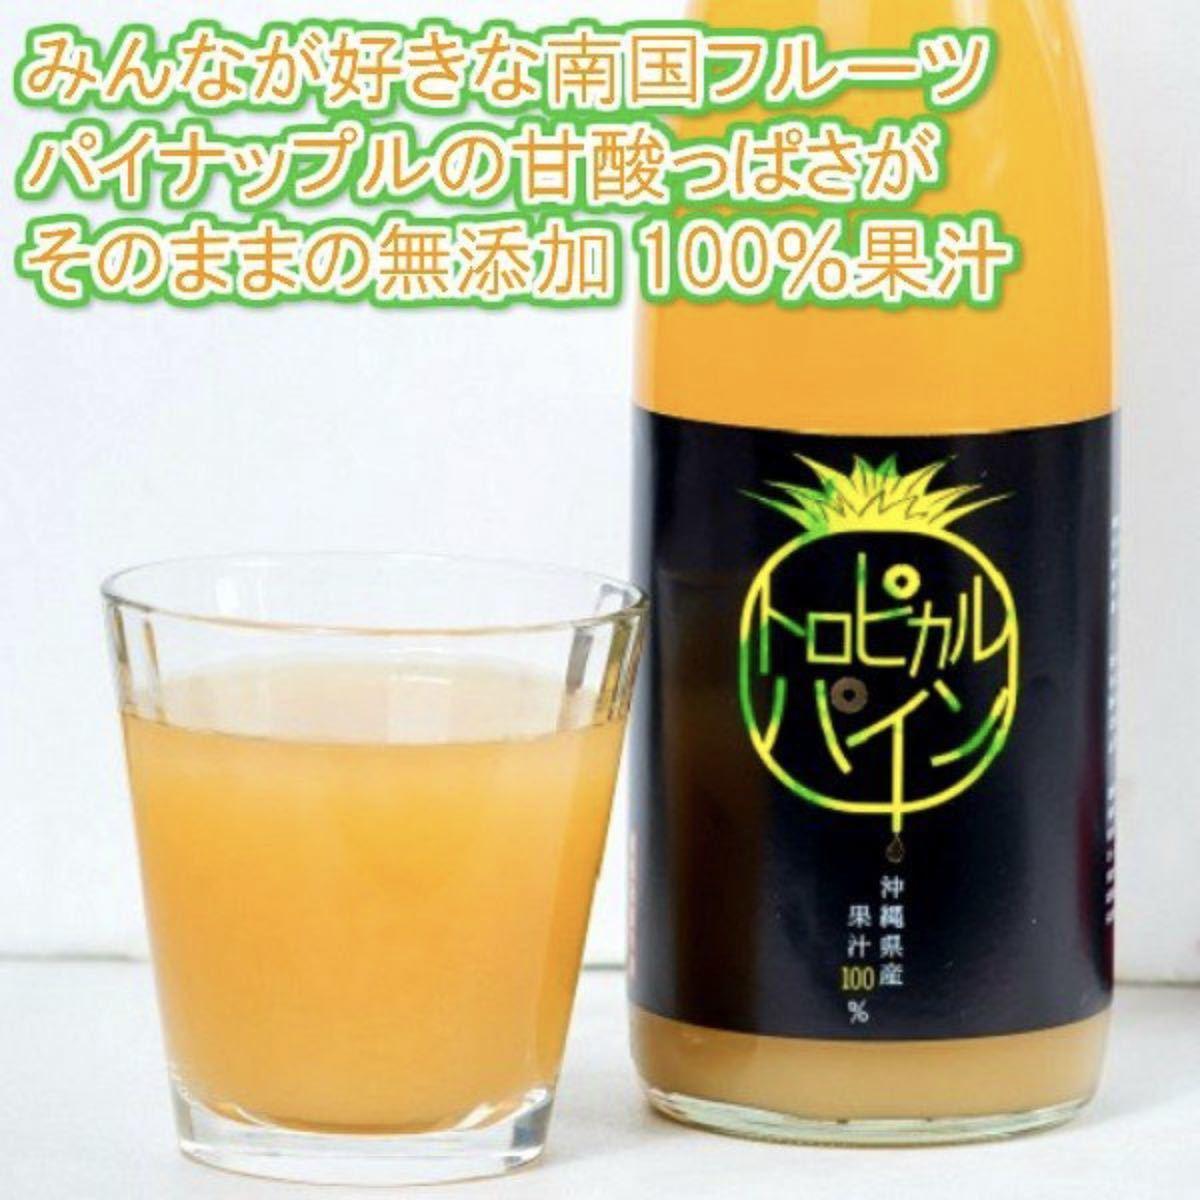 沖縄県産トロピカルパイン100%果汁720ml 3本セット 無添加_画像2